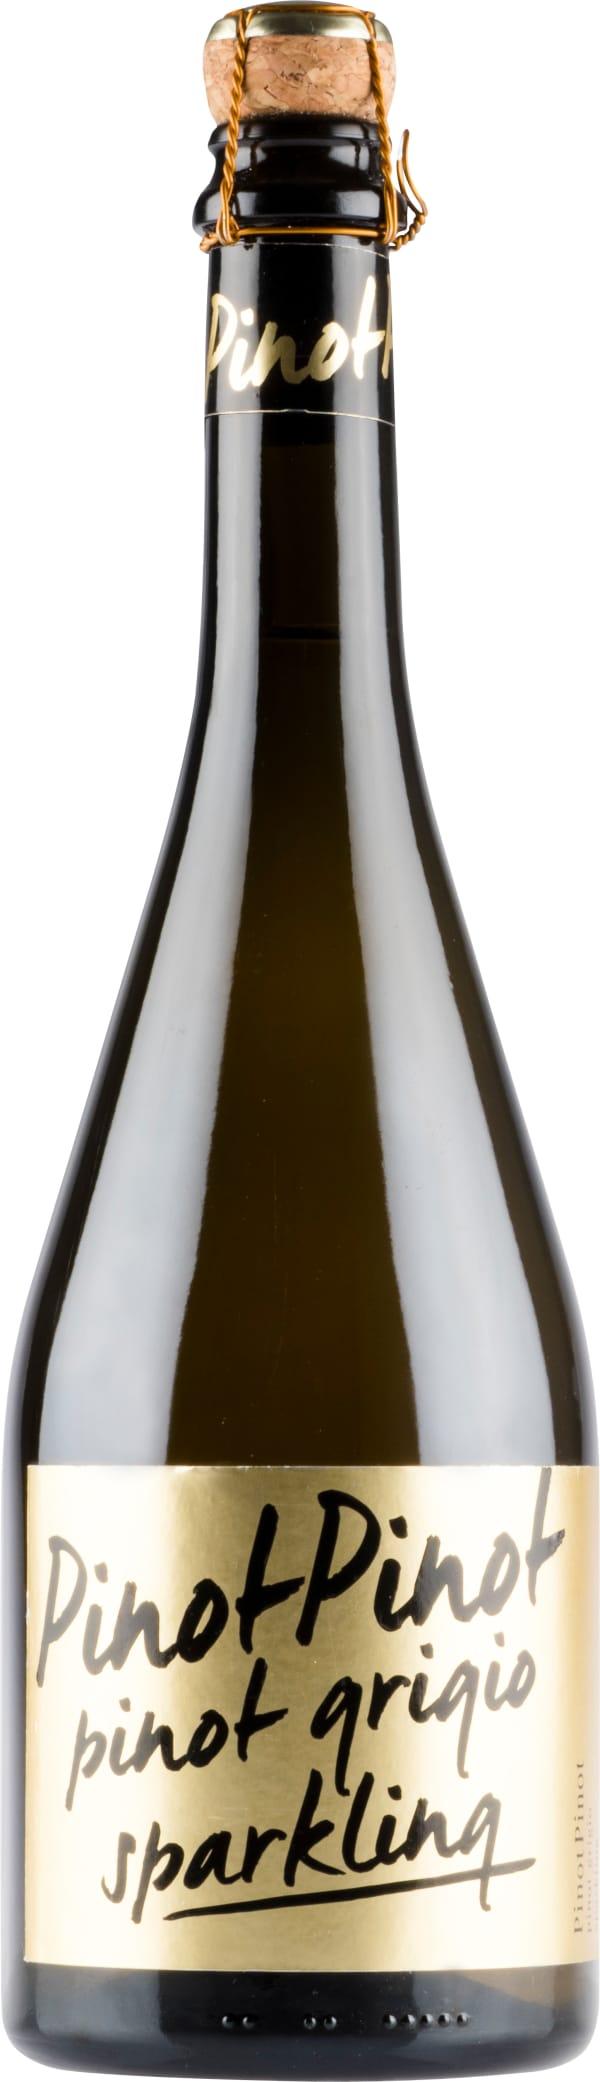 Pinot Pinot Sparkling Pinot Grigio